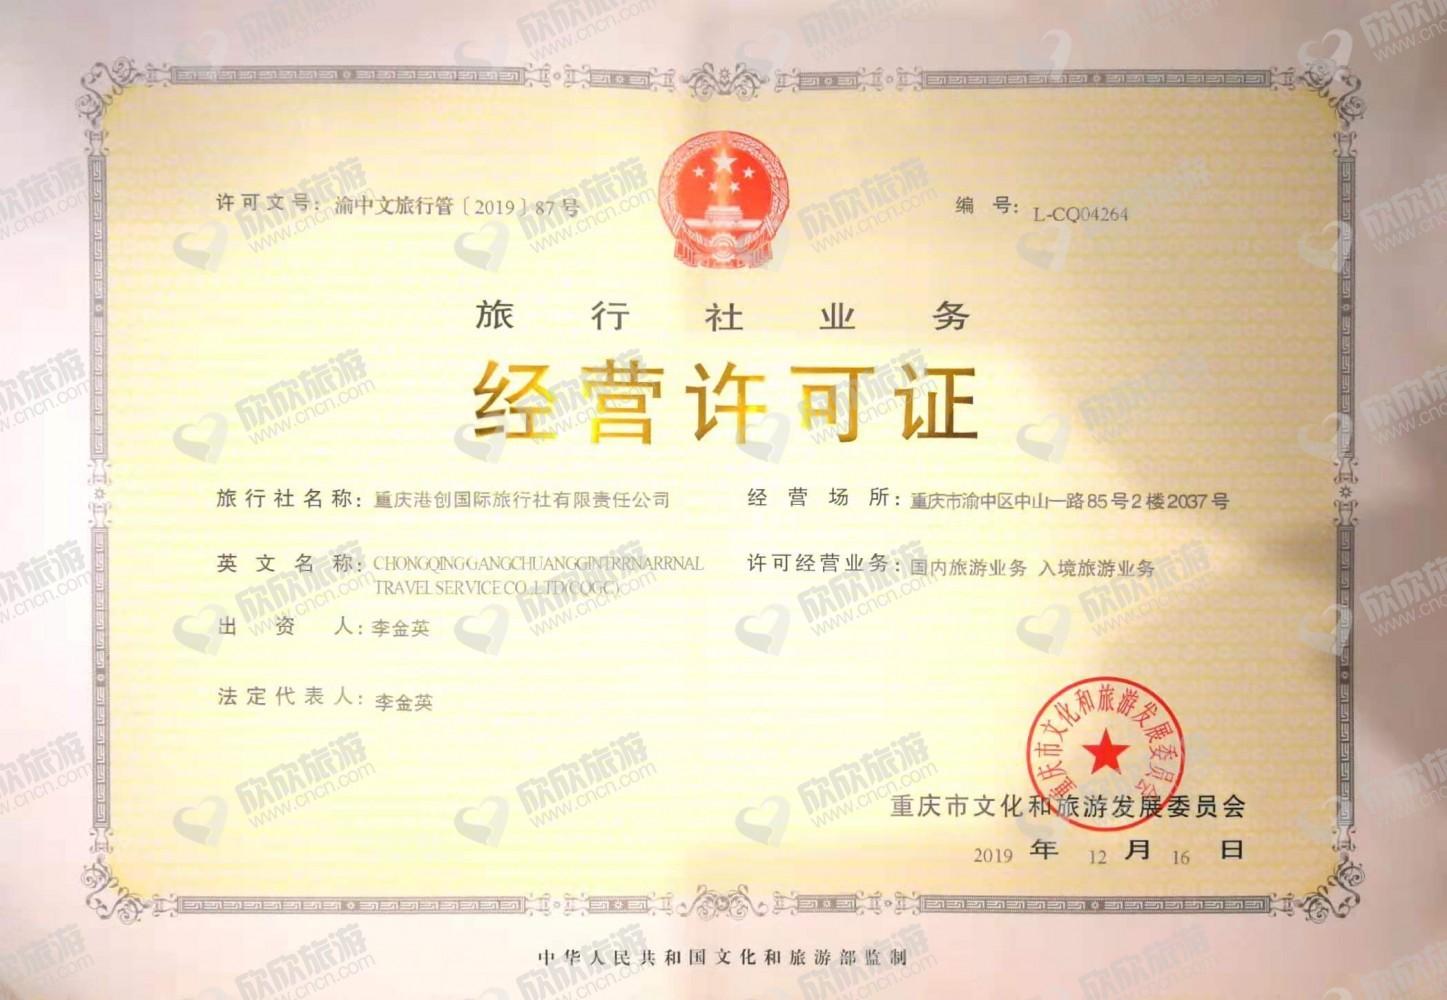 重庆港创国际旅行社有限责任公司经营许可证